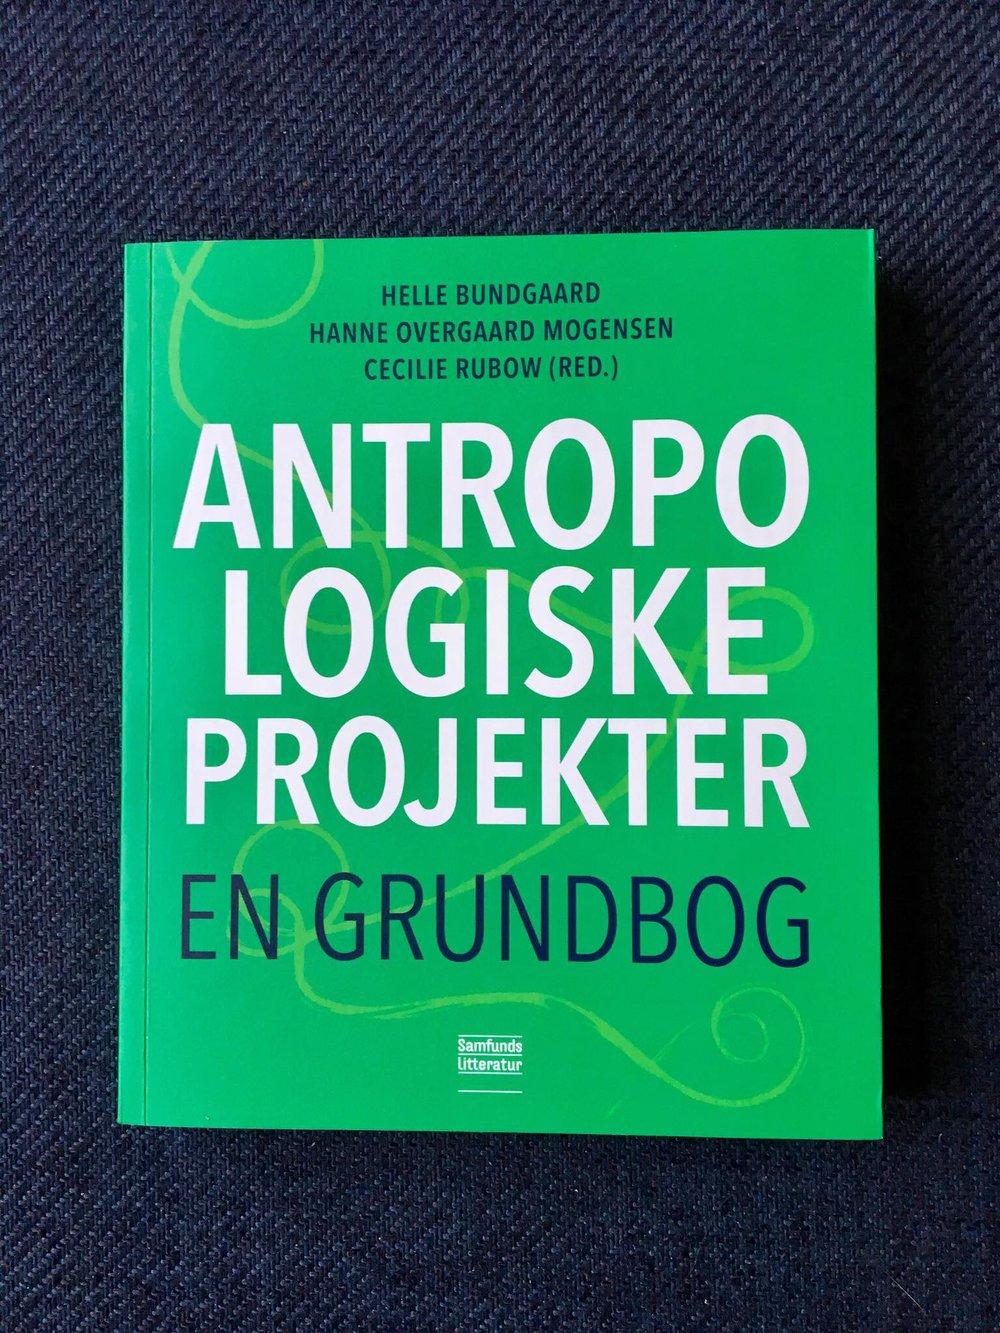 Antropologiske projekter grundbog.jpg